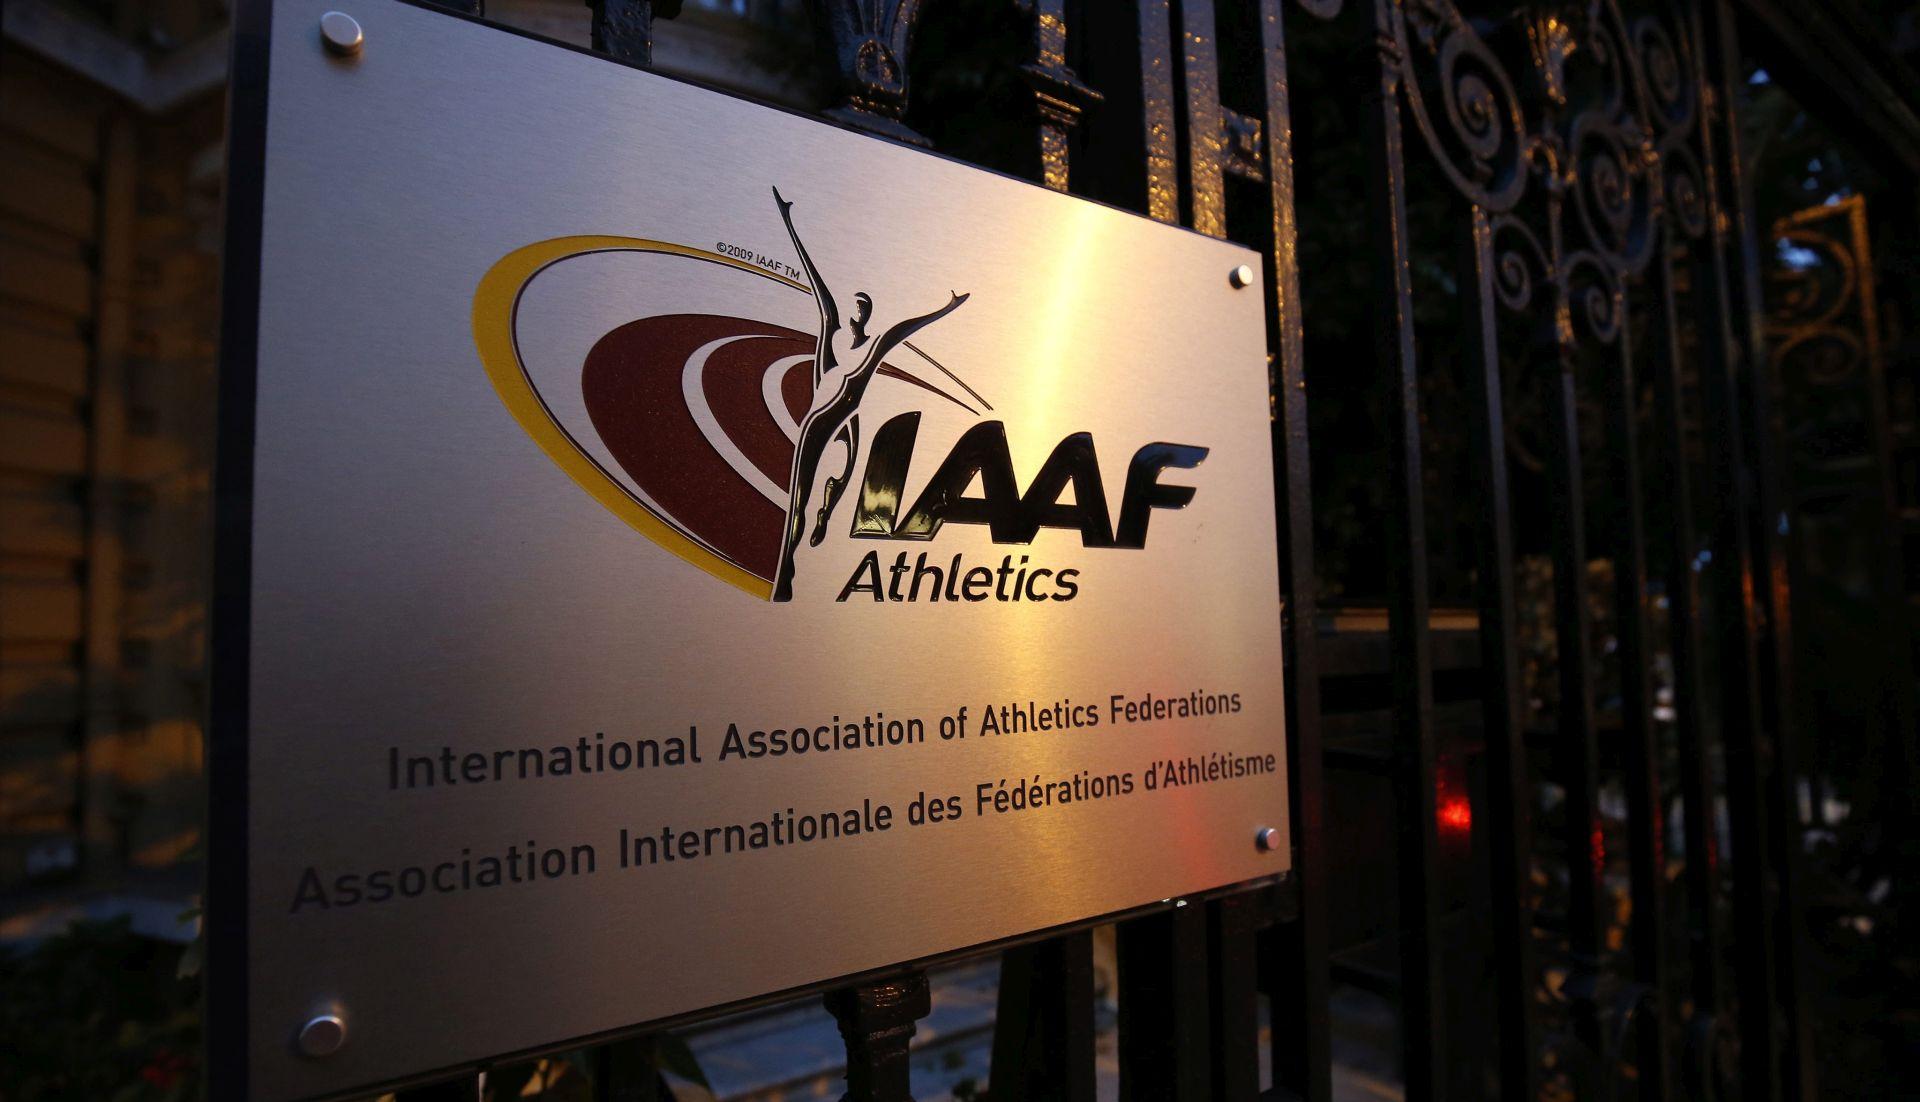 STRAH OD RUŠENJA UGLEDA Nestle prekinuo suradnju s IAAF-om